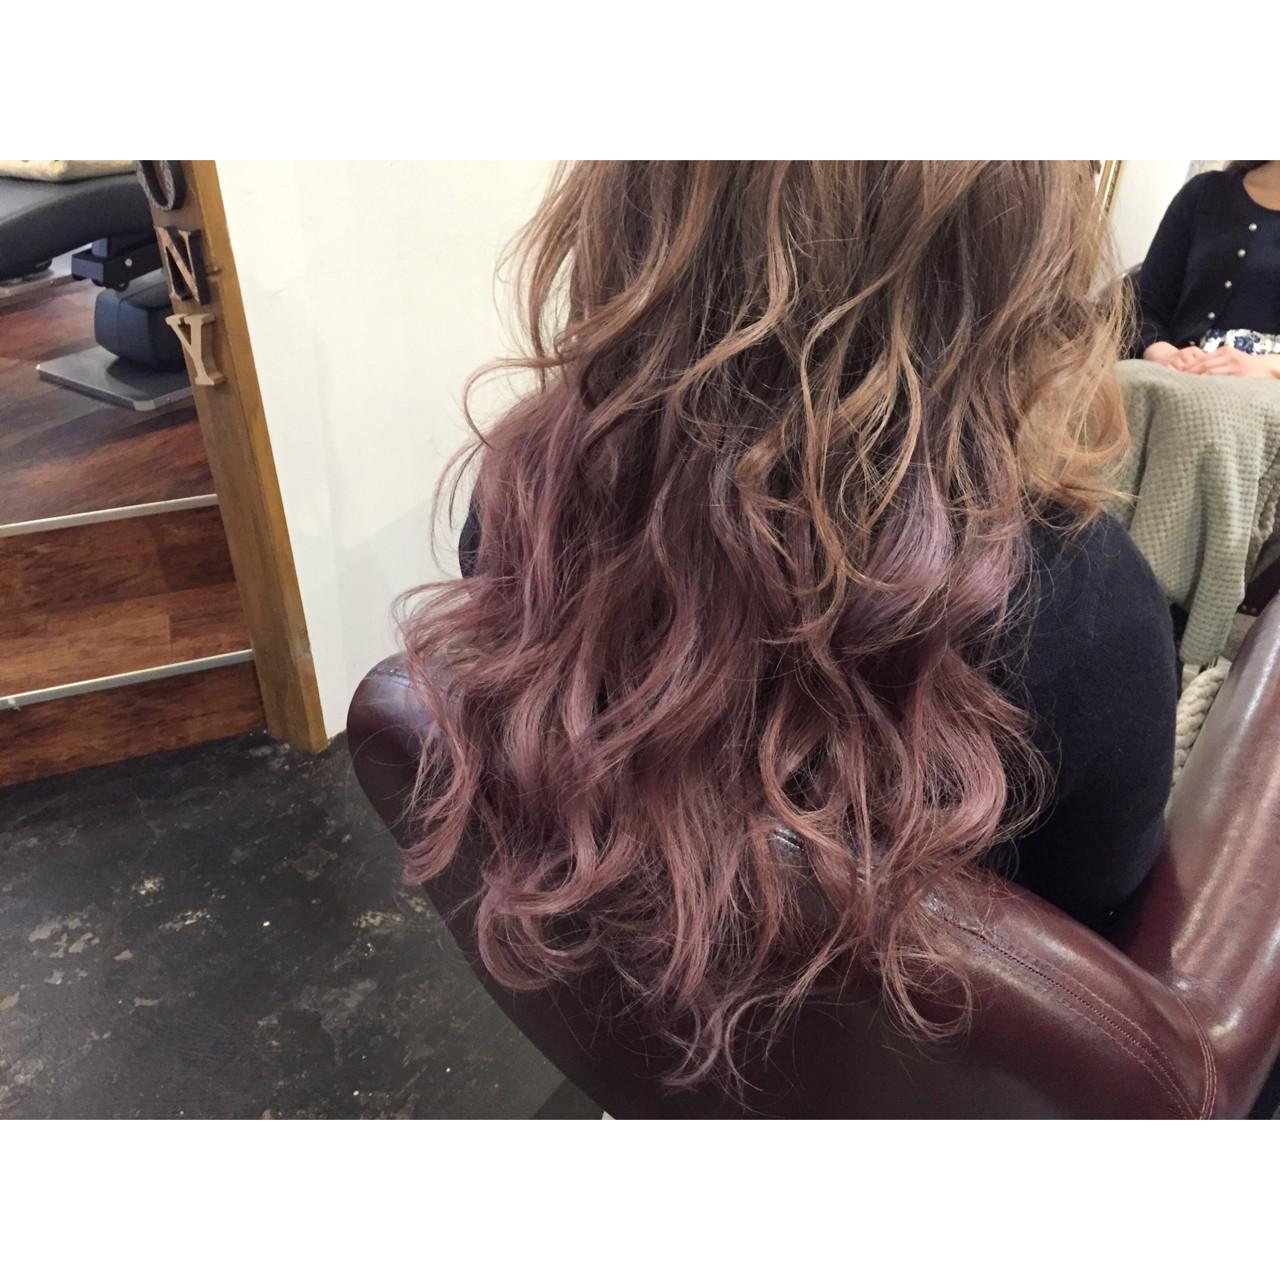 髪、切る前に遊んでみない?毛先○cmの春色ピンクがマンネリ気分にサヨナラを告げる♡ miya